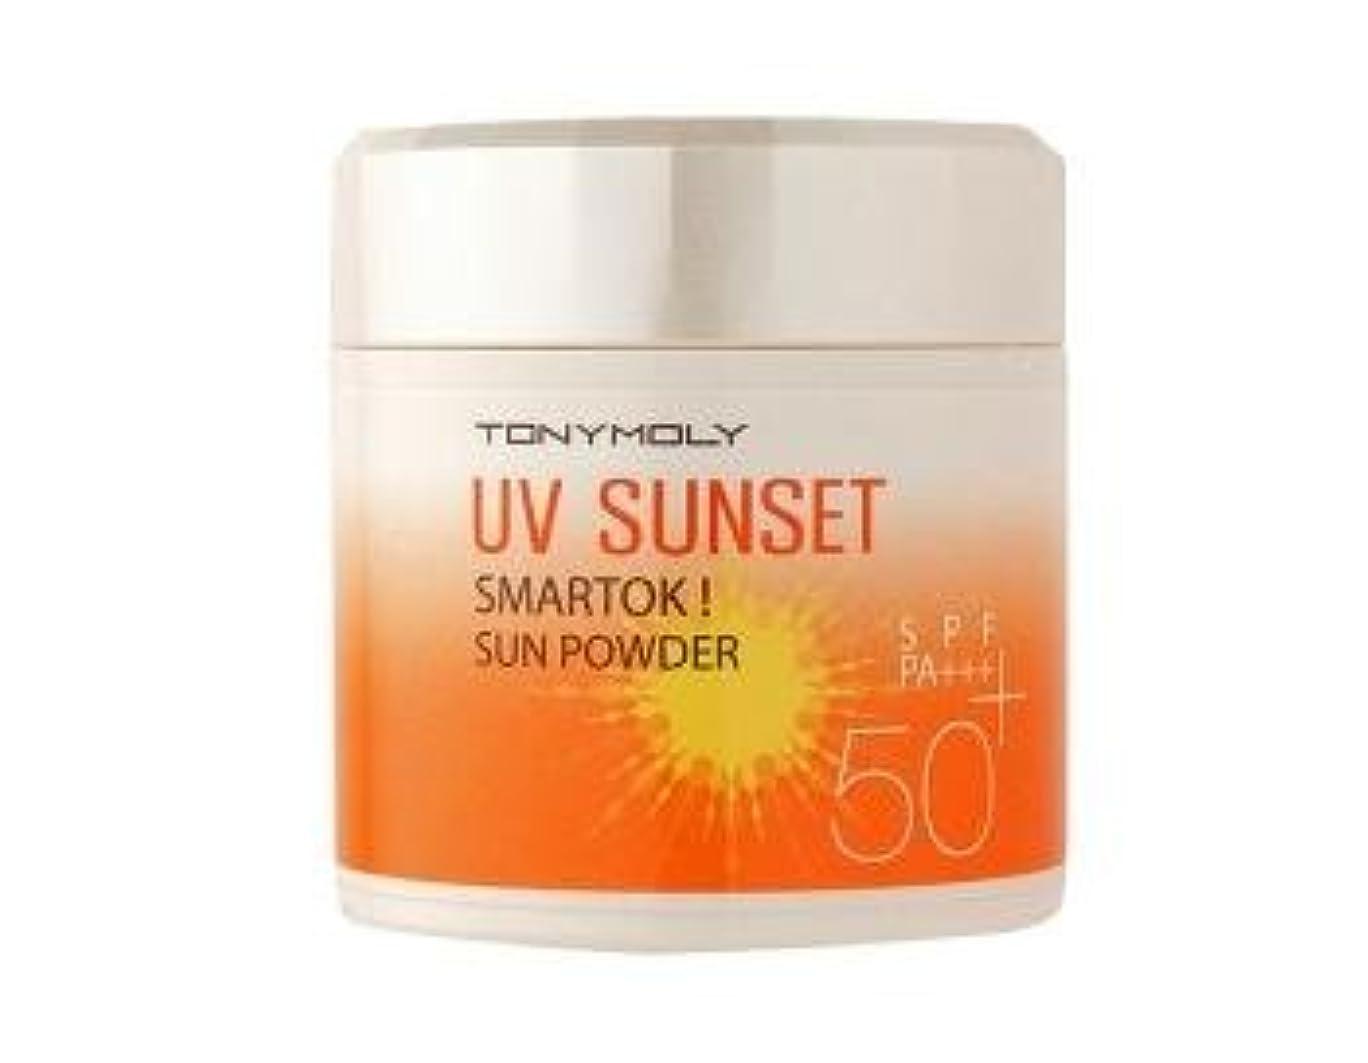 野な混合日曜日TONYMOLY(トニーモリー) UV サンセット スマトック サン?パウダー SPF50+/PA+++ 9.5g